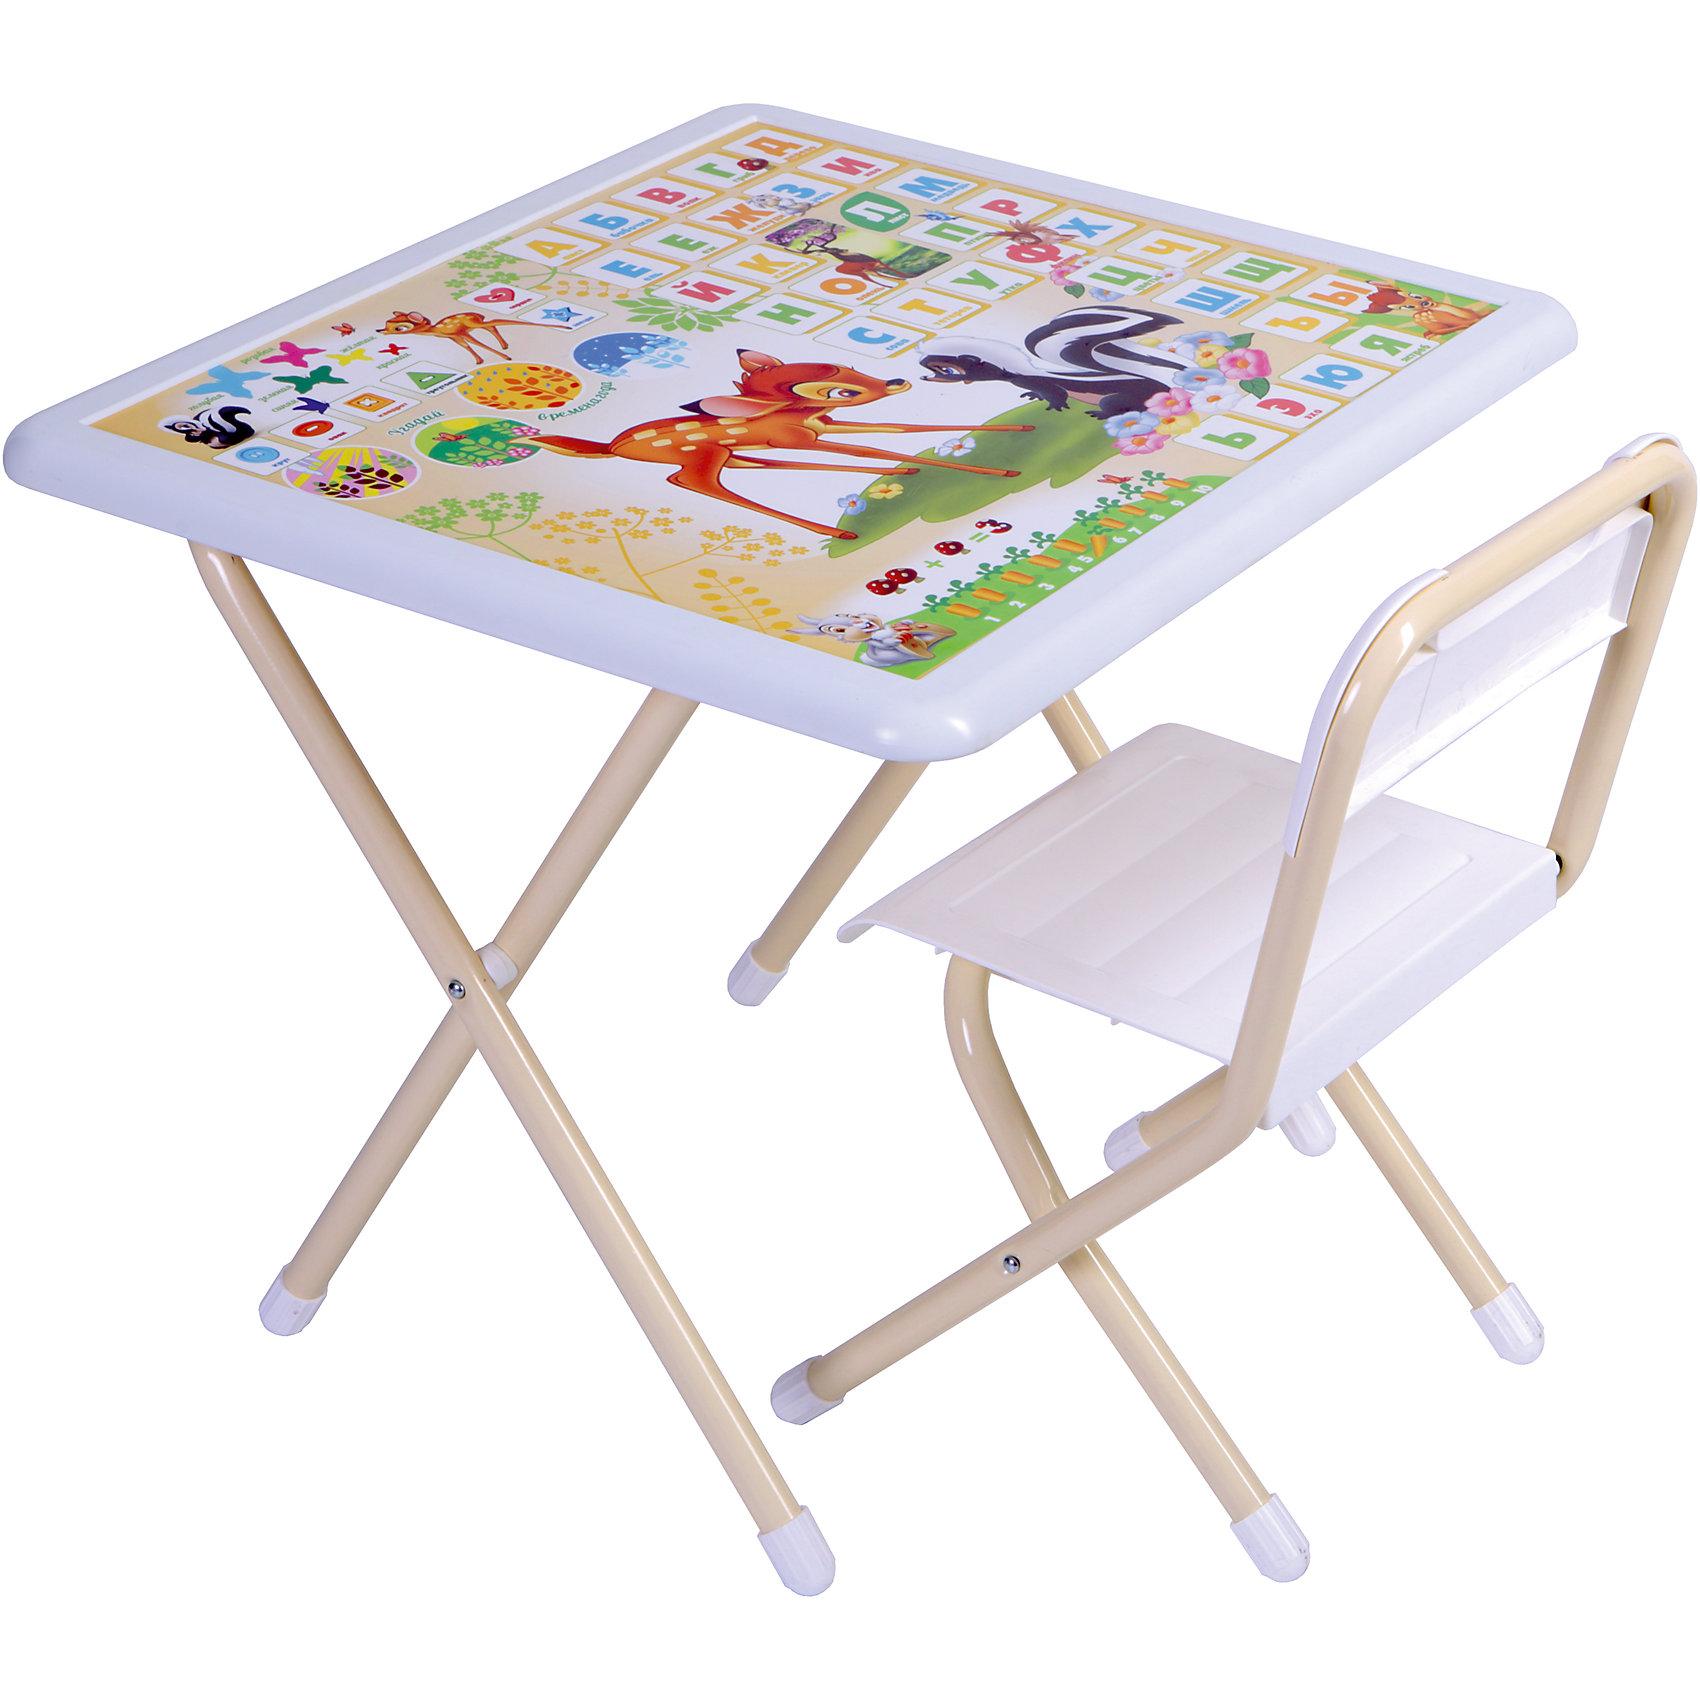 Набор мебели БэмбиНабор мебели Бэмби – это полностью оборудованное место для творчества и занятий вашего малыша.<br>Набор складной детской мебели Бэмби предназначен для детей от 1,5 до 7 лет. Ее легко развернуть и так же легко убрать. Чтобы свернуть рабочее место, нужно всего лишь сложить ножки стола и стула – и поместить набор вдоль стены или в шкаф. Мебель сделана из пластика (столешница, спинка, сиденье) и металла (ножки). По периметру столешницы расположен пластмассовый бампер с закругленными углами, который обеспечивает комфорт и безопасность во время работы. На ножках стола и стула – пластмассовые заглушки. Мебель спроектирована при участии врачей-ортопедов, поэтому занятия для ребенка проходят с комфортом. Он держит спину ровно и правильно распределяет нагрузку на позвоночник благодаря слегка отклоненной спинке стула. Расстояние от глаз до учебных материалов на столе также является оптимальным. На столешнице красуются не только главные герои мультфильма «Бэмби», но и веселые развивающие шпаргалки! Ребенок изучит алфавит и цифры, познакомится с геометрическими фигурами и цветами, временами года. Набор мебели обеспечит вашему ребенку занятия учебой и творчеством в наиболее удобной обстановке. Можно использовать как место для кормления.<br><br>Дополнительная информация:<br><br>- В комплекте: стол, стул, руководство по эксплуатации<br>- Комплект предназначен для детей ростом 115-130 см.<br>- Максимальная нагрузка на стул: 30 кг.<br>- Материал: пластик, металл<br>- Цвет: белый<br>- Размер столешницы: 650х555 мм.<br>- Высота от пола: 515 мм.<br>- Размер сиденья стула: 340х360 мм.<br>- Высота сиденья от пола: 345 мм.<br>- Упаковка: картонная коробка<br>- Размер упаковки: 150х740х650 мм.<br>- Вес: 7,7 кг.<br><br>Набор мебели Бэмби можно купить в нашем интернет-магазине.<br><br>Ширина мм: 74<br>Глубина мм: 64<br>Высота мм: 15<br>Вес г: 7500<br>Возраст от месяцев: -2147483648<br>Возраст до месяцев: 2147483647<br>Пол: Унисекс<br>Возраст: Детский<br>SKU: 4589689